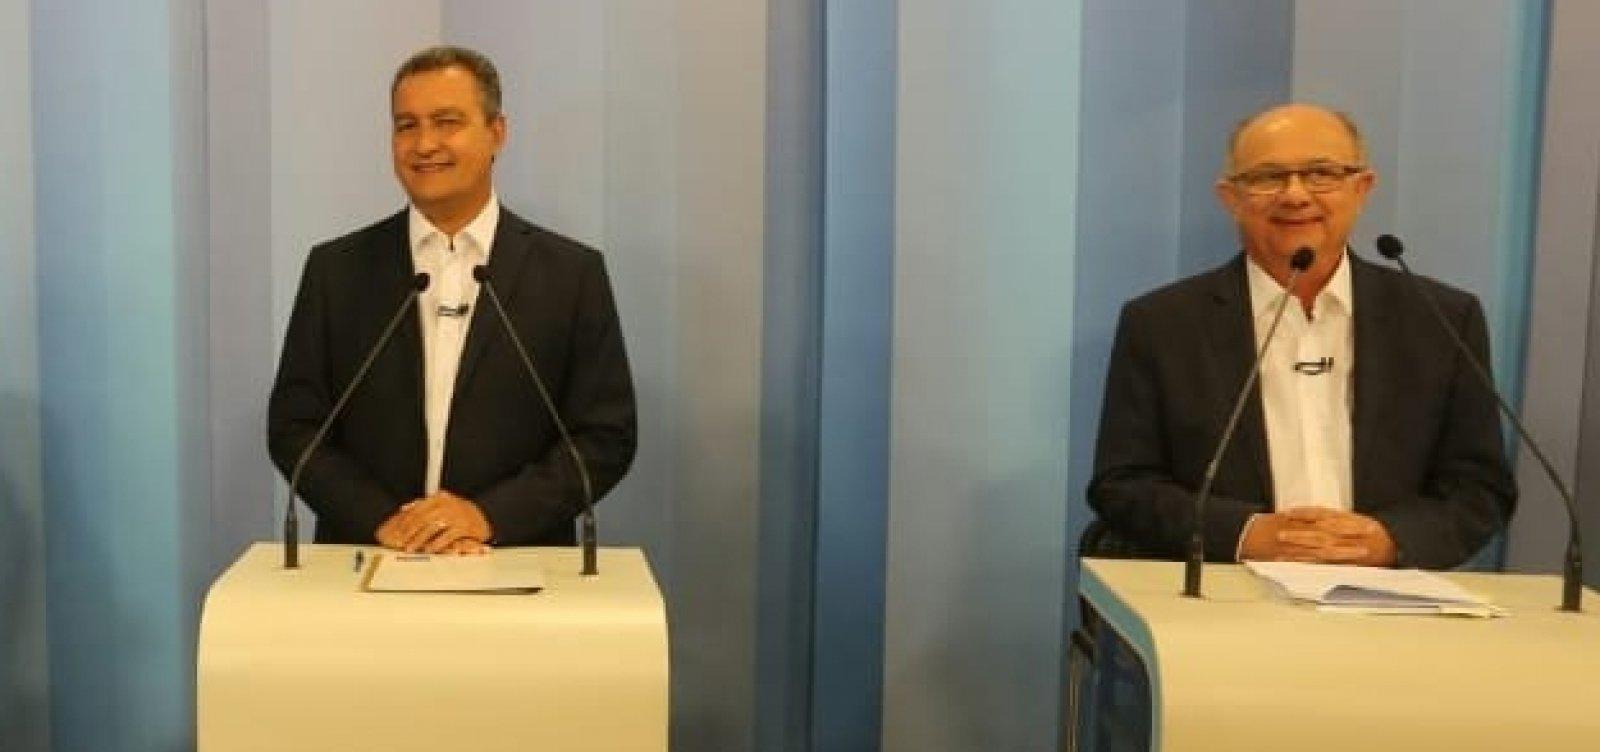 'Tomei um susto', diz Rui sobre Zé Ronaldo declarar apoio a Bolsonaro